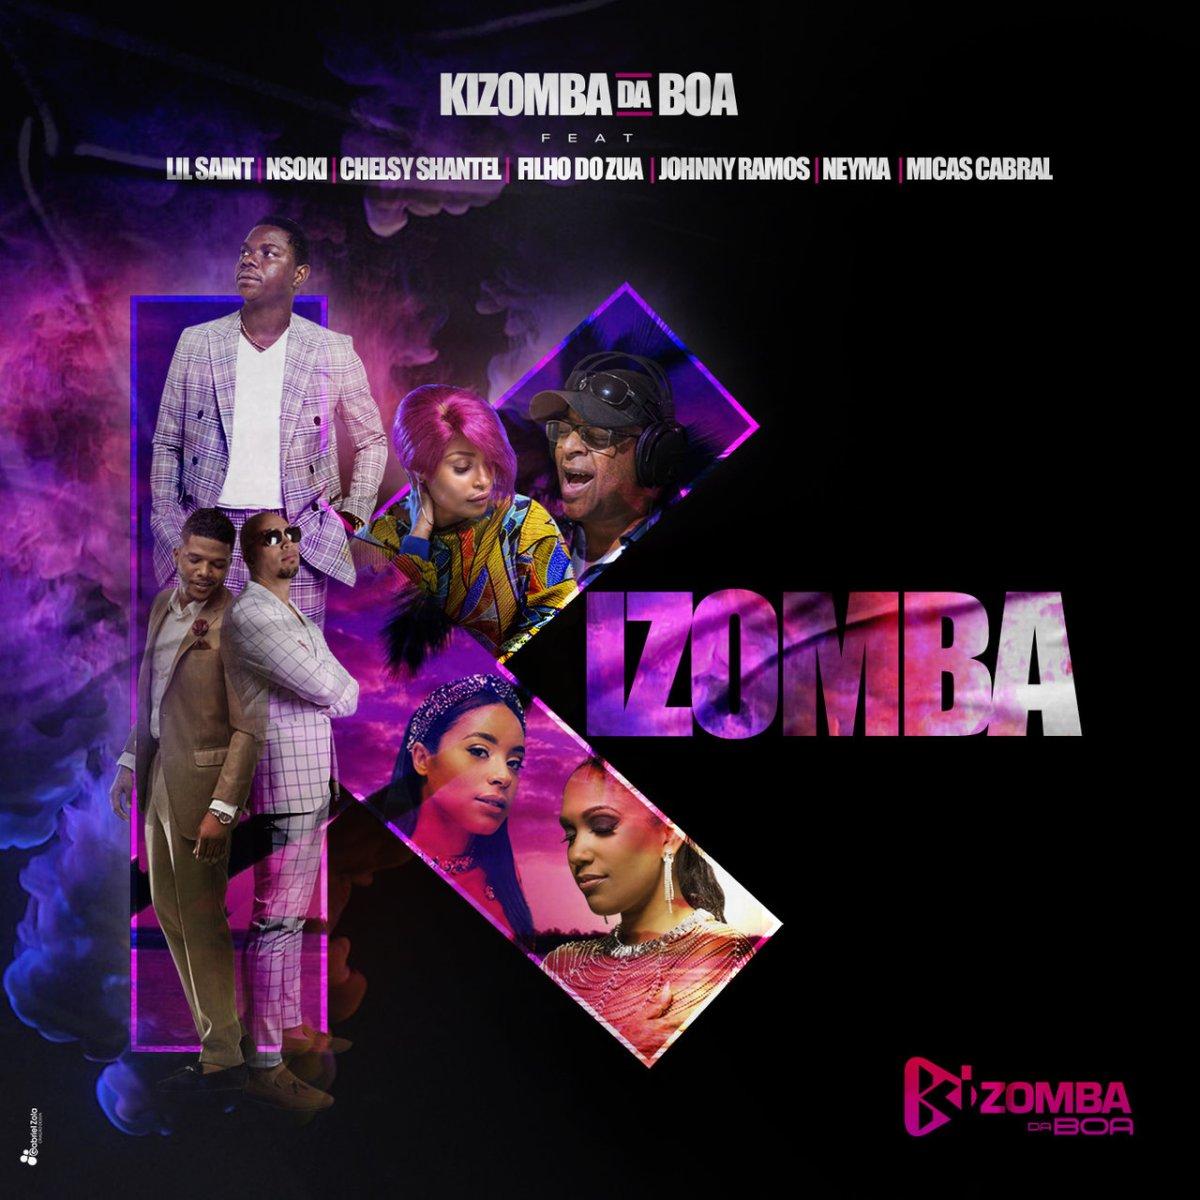 Kizomba Da Boa - Kizomba (Cover)